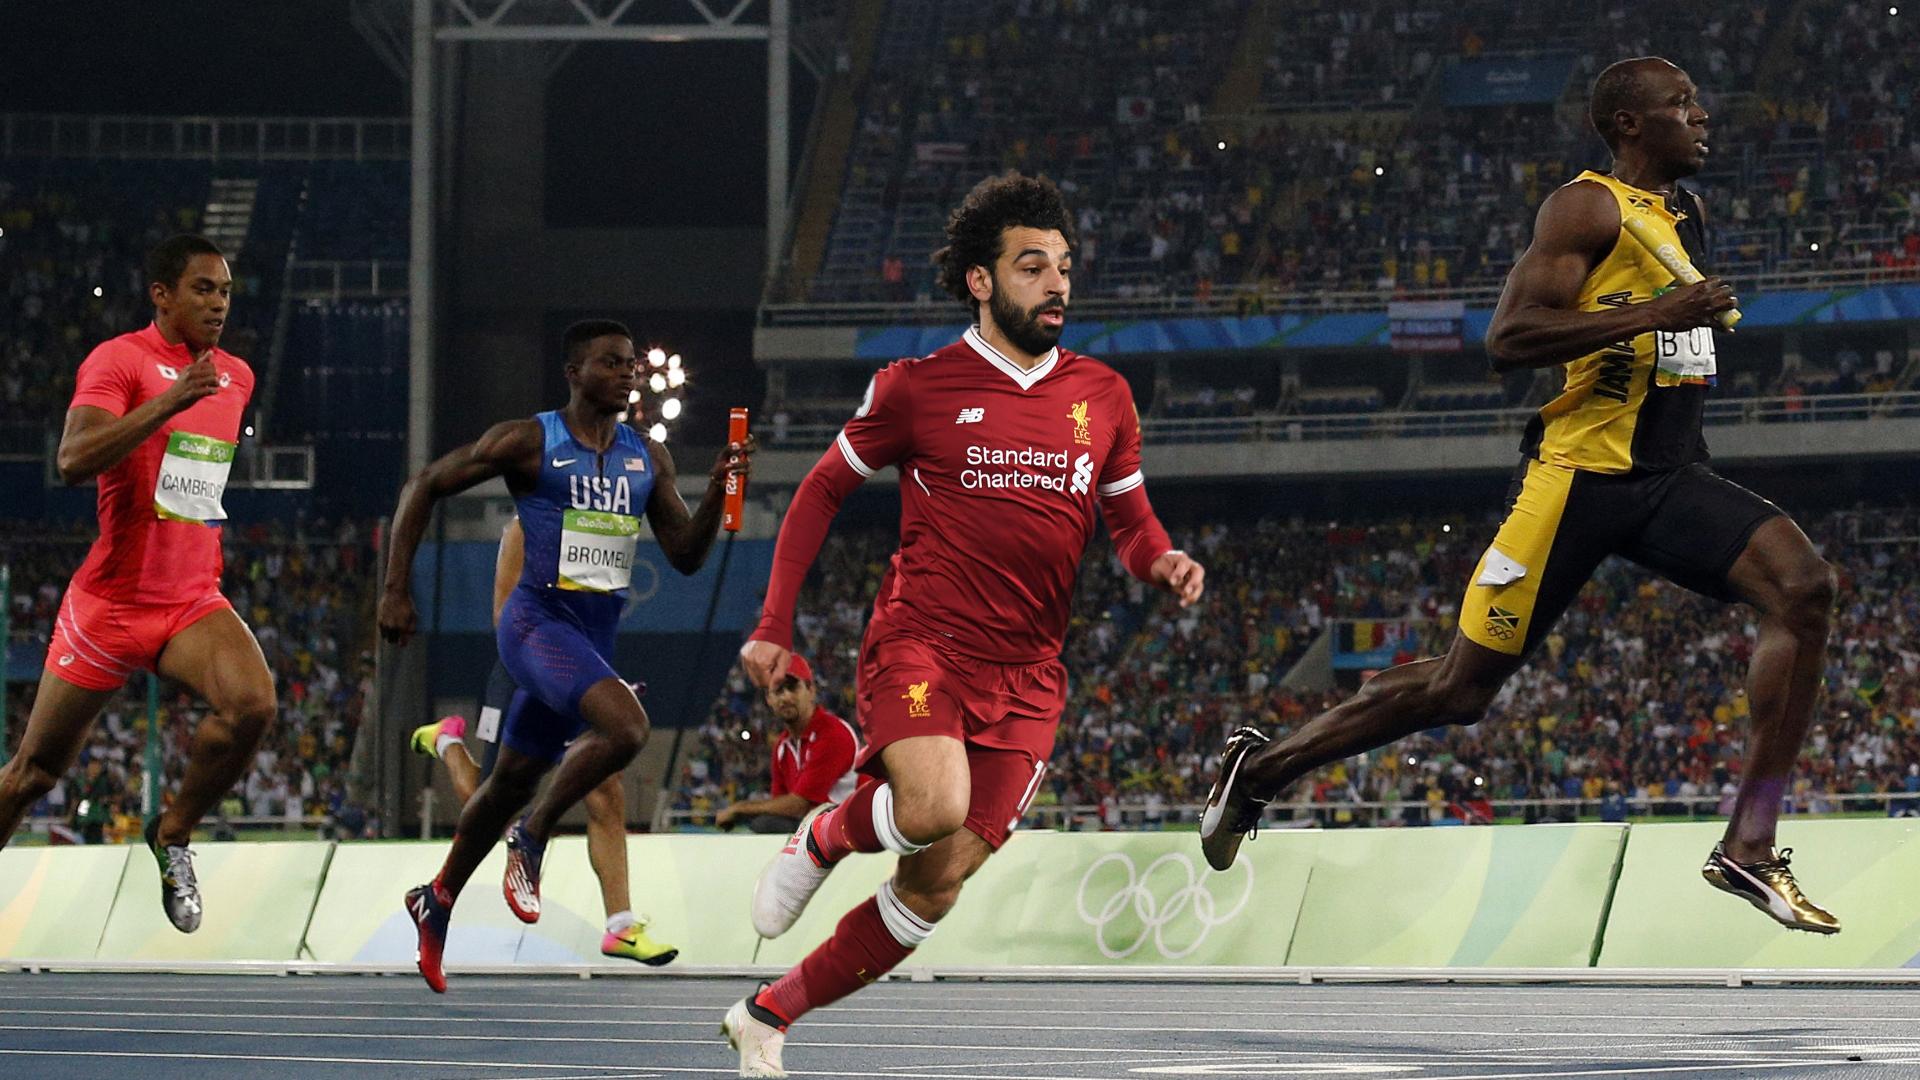 Mohamed Salah, Usain Bolt, Olympic Games